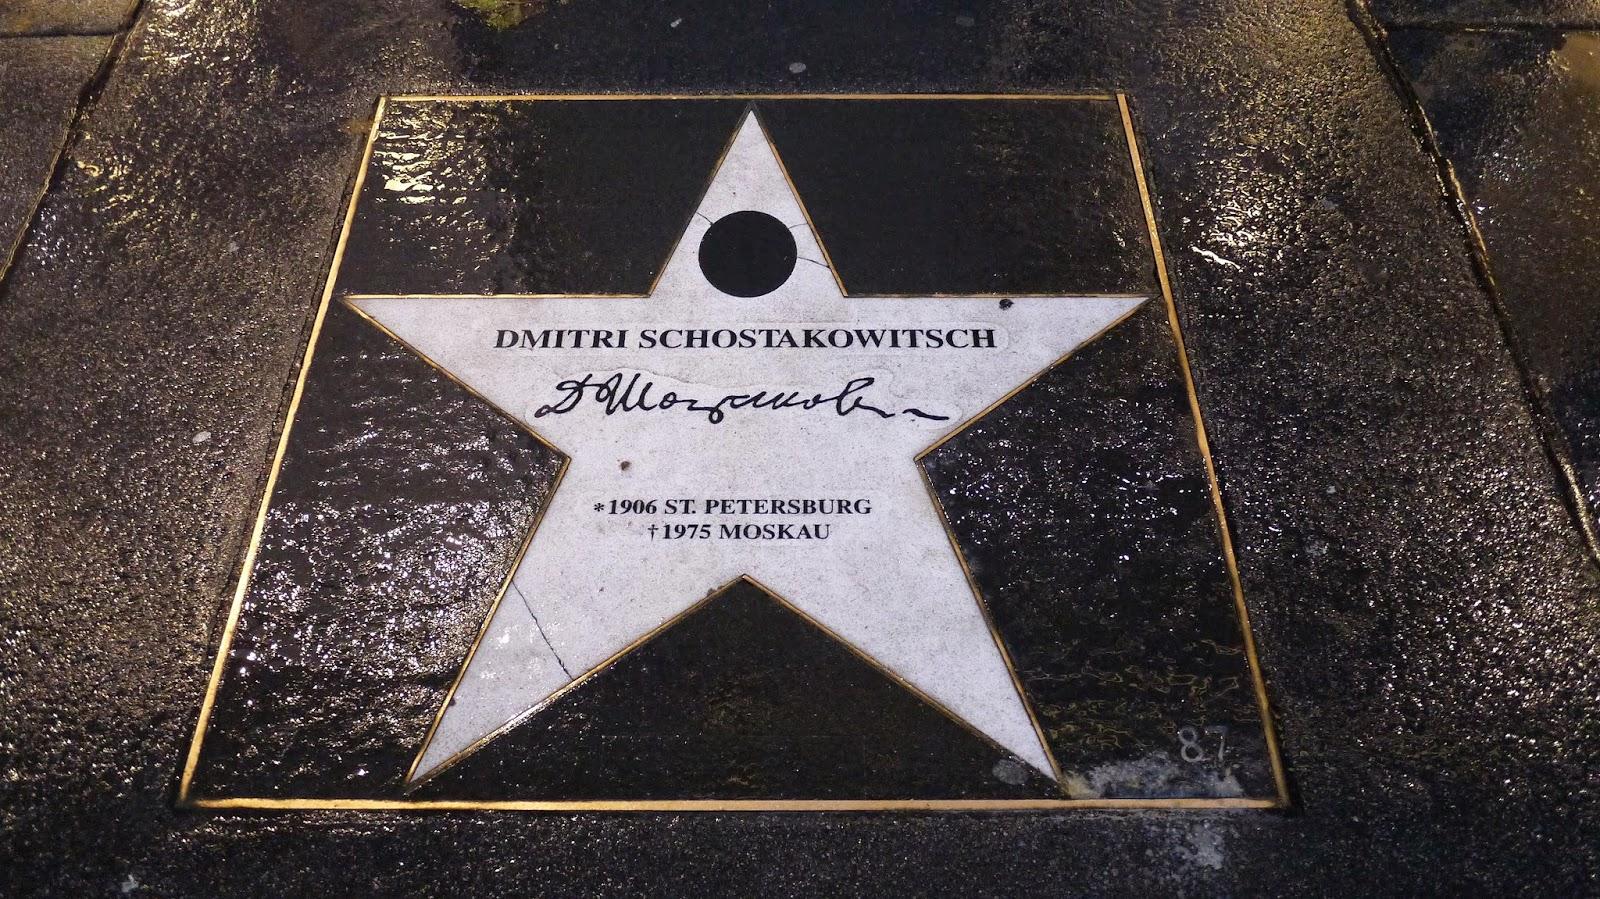 Schostakowitsch star Vienna